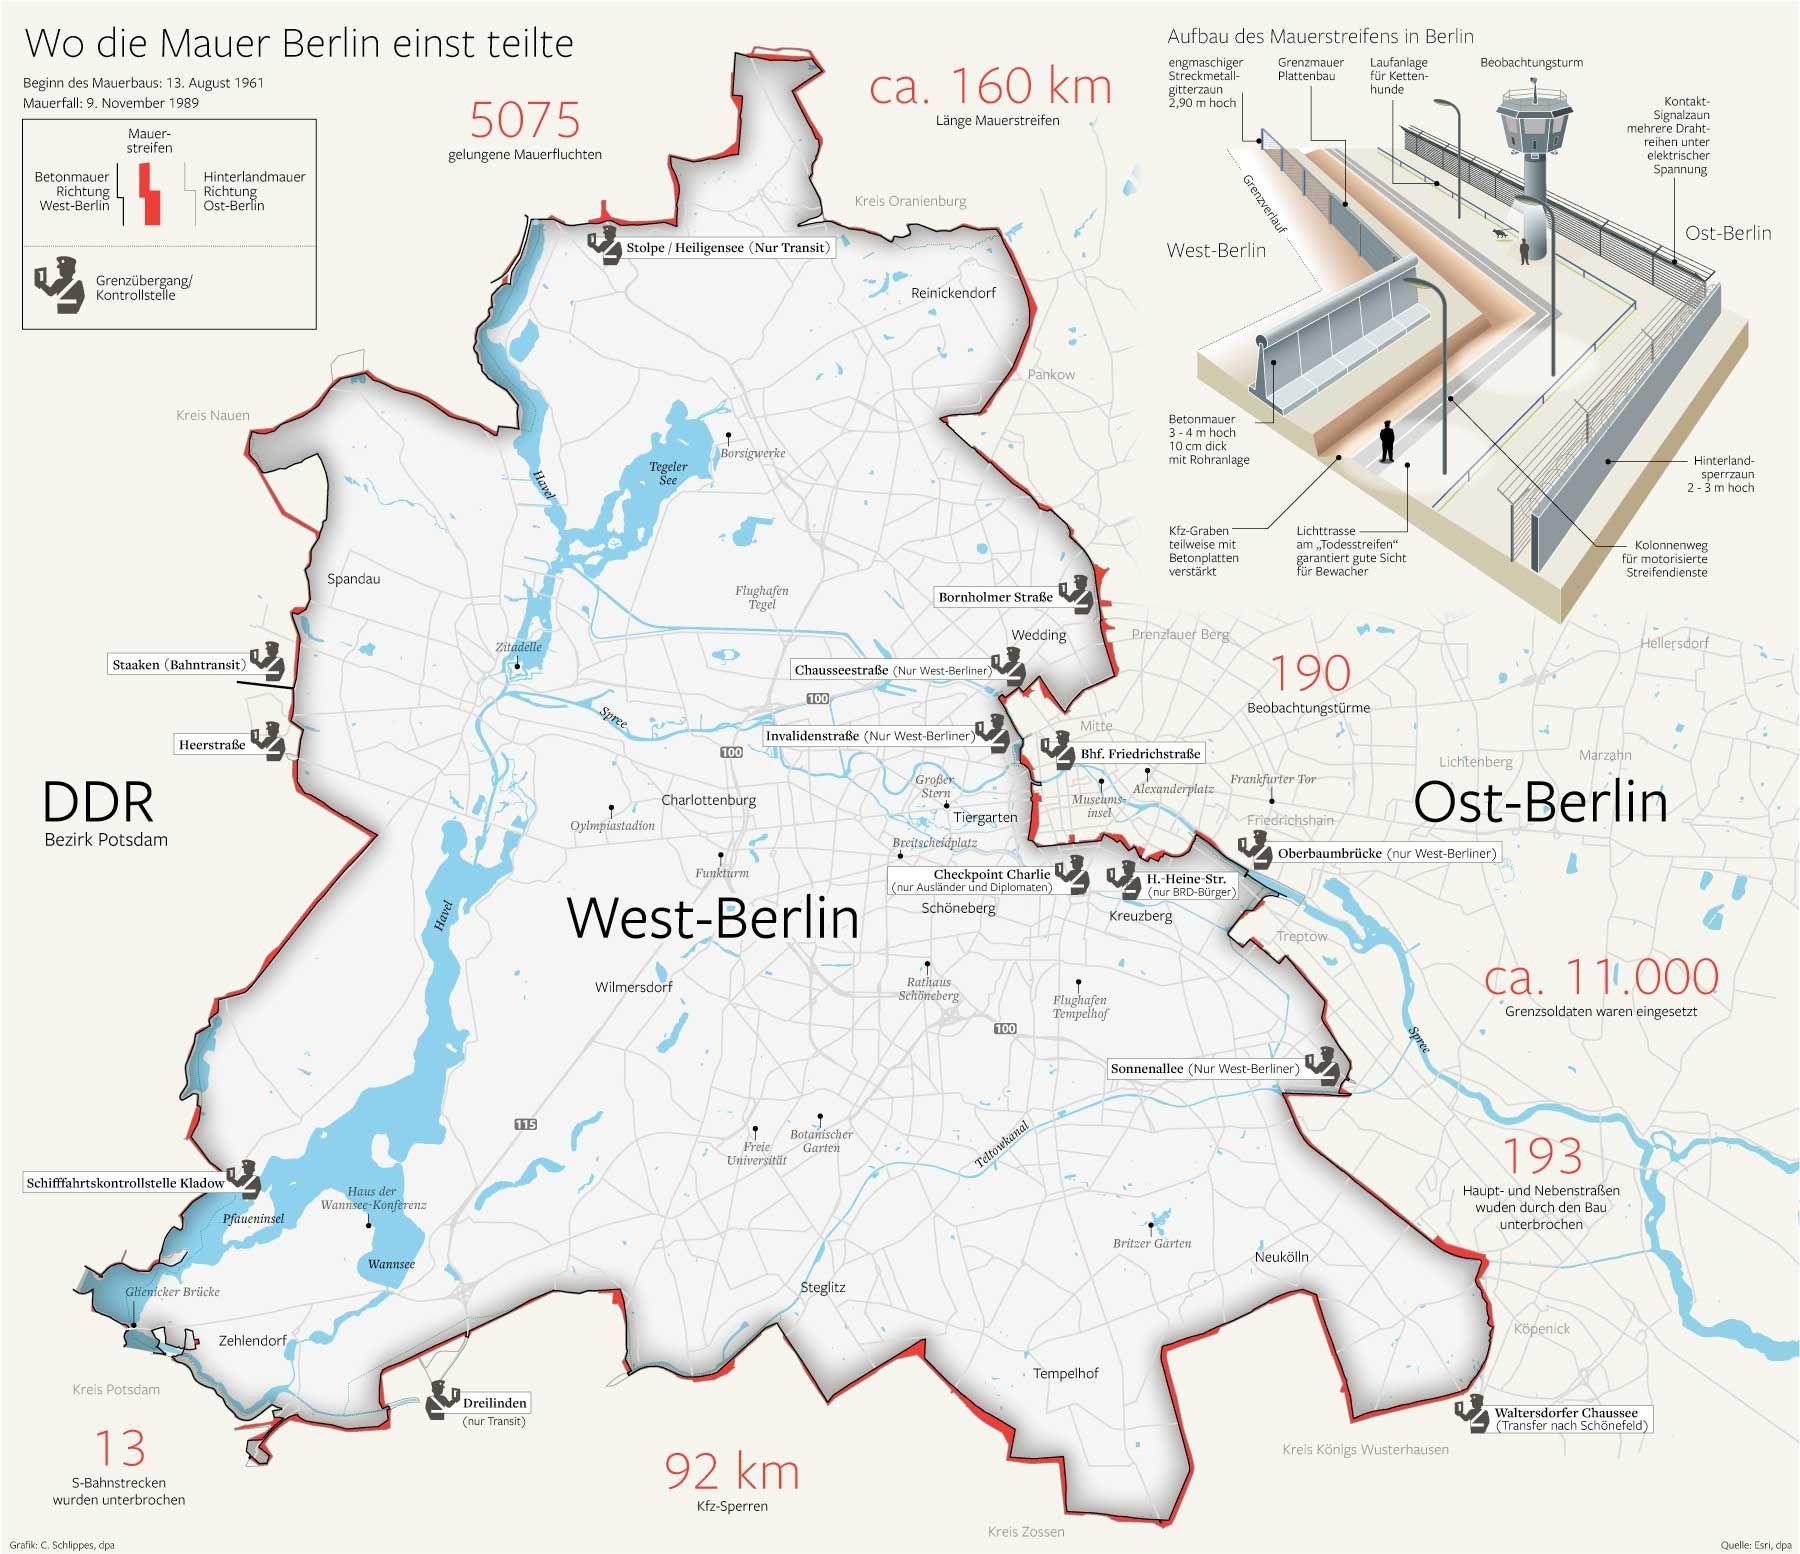 Todesstreifen Teilung Berlin Teilte Blieb Mauer Einst Was Von Und Die Wowas Von Todesstreifen Und Teilung Blieb Wo D Berlin Wall West Berlin Berlin